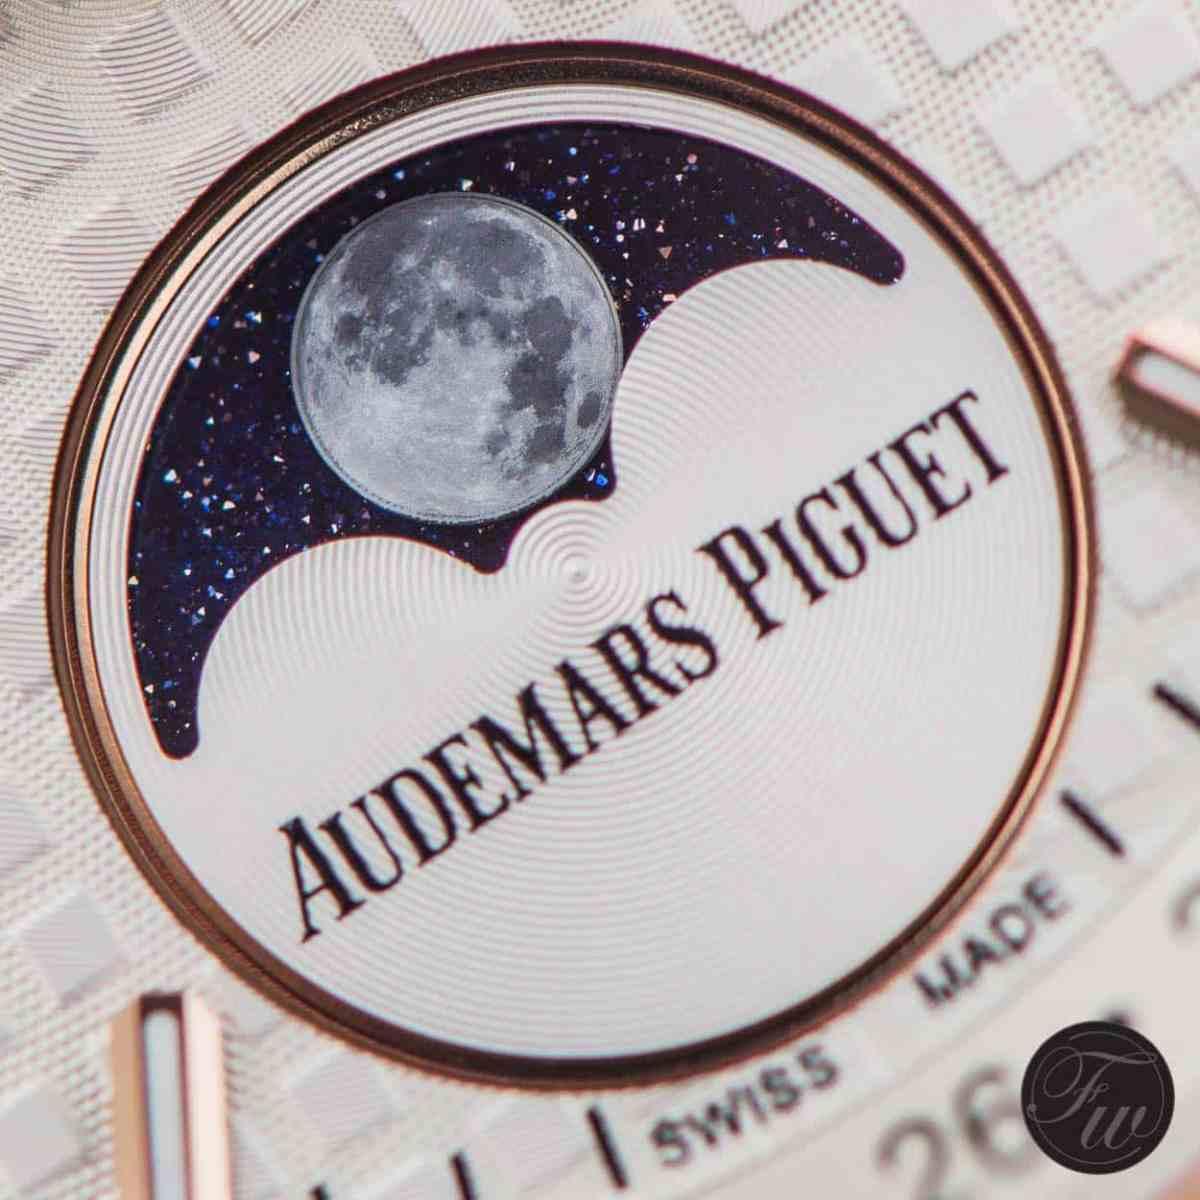 Audemars Piguet Royal Oak gold 2657OR